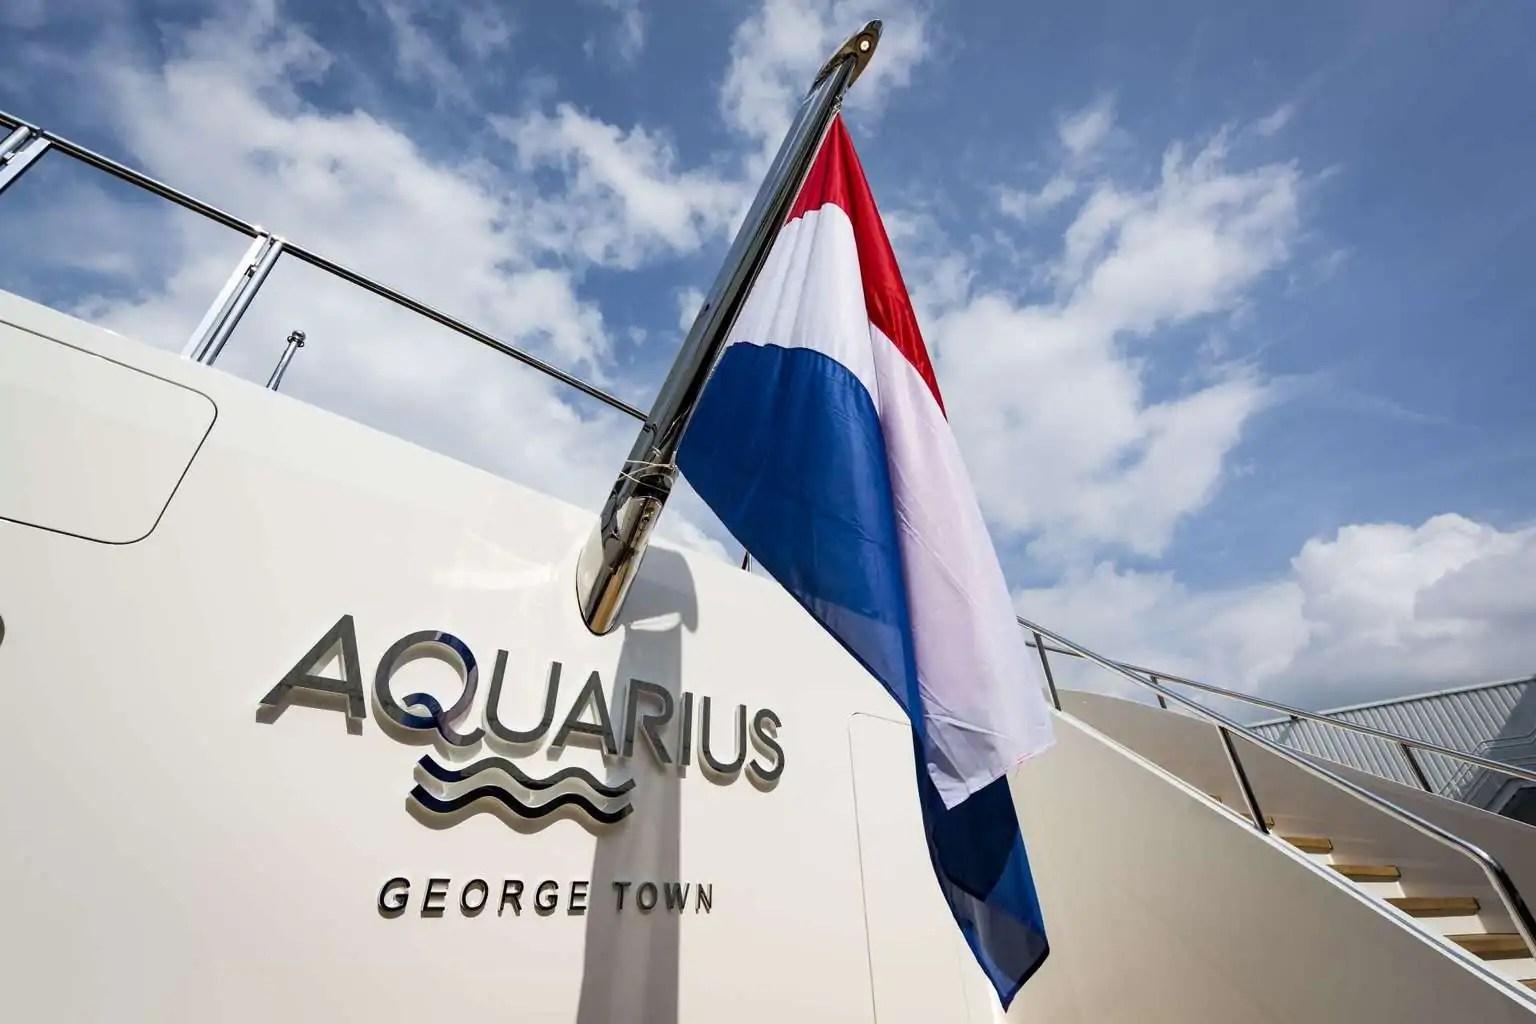 superjacht aquarius